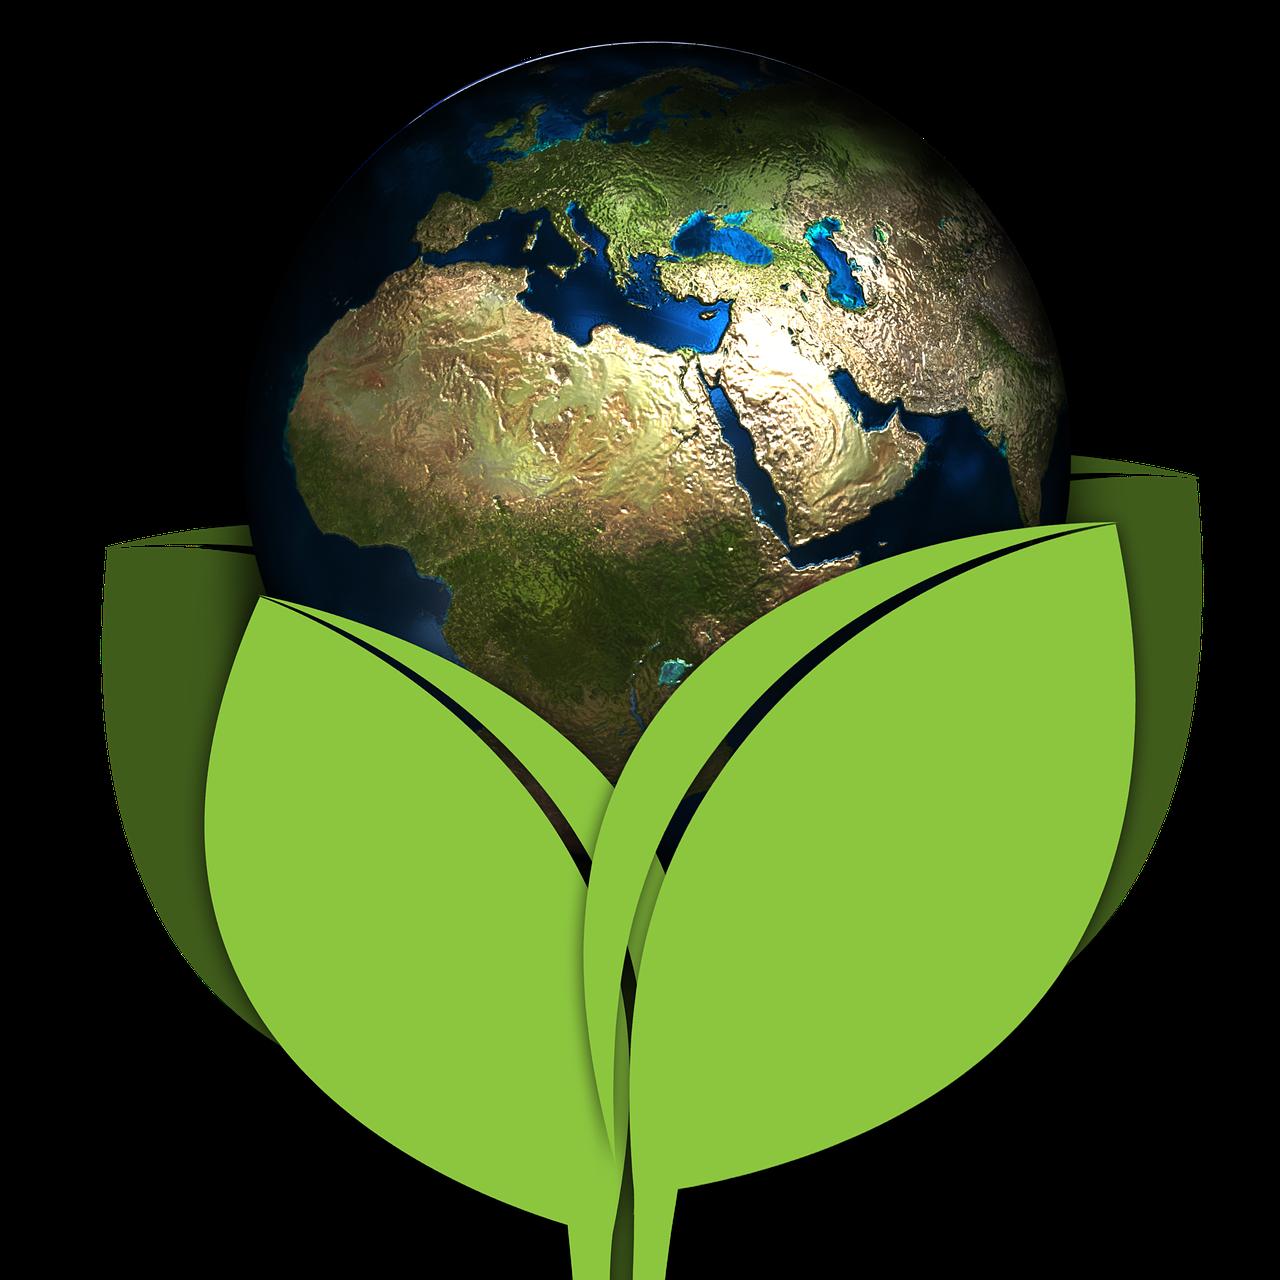 картинки глобус экология камчатке кижуч находиться